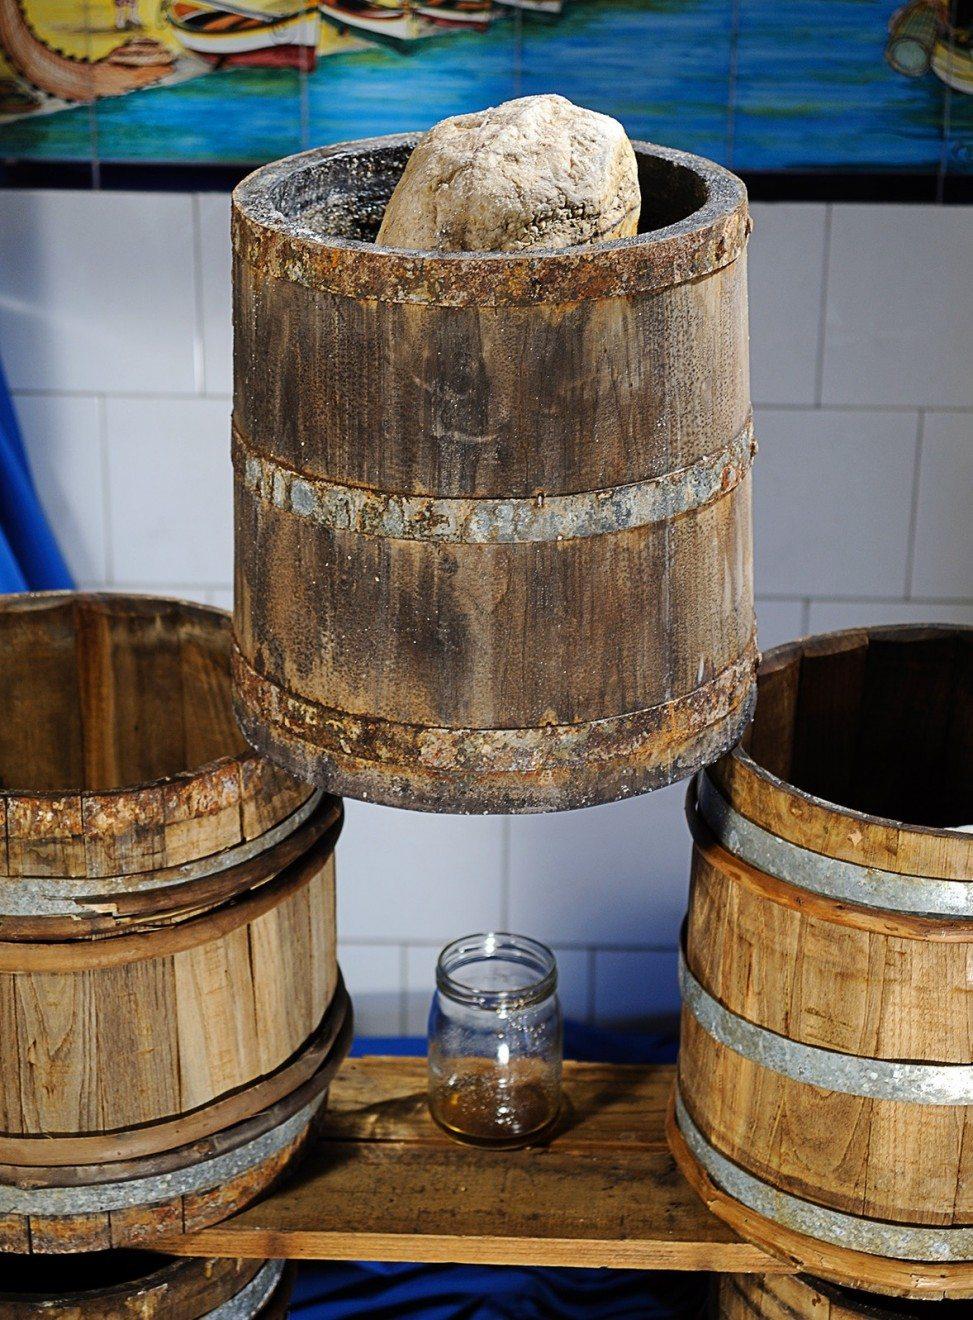 colatura di alici: botti di legno in cui bengono poste le alici durante la preparazione